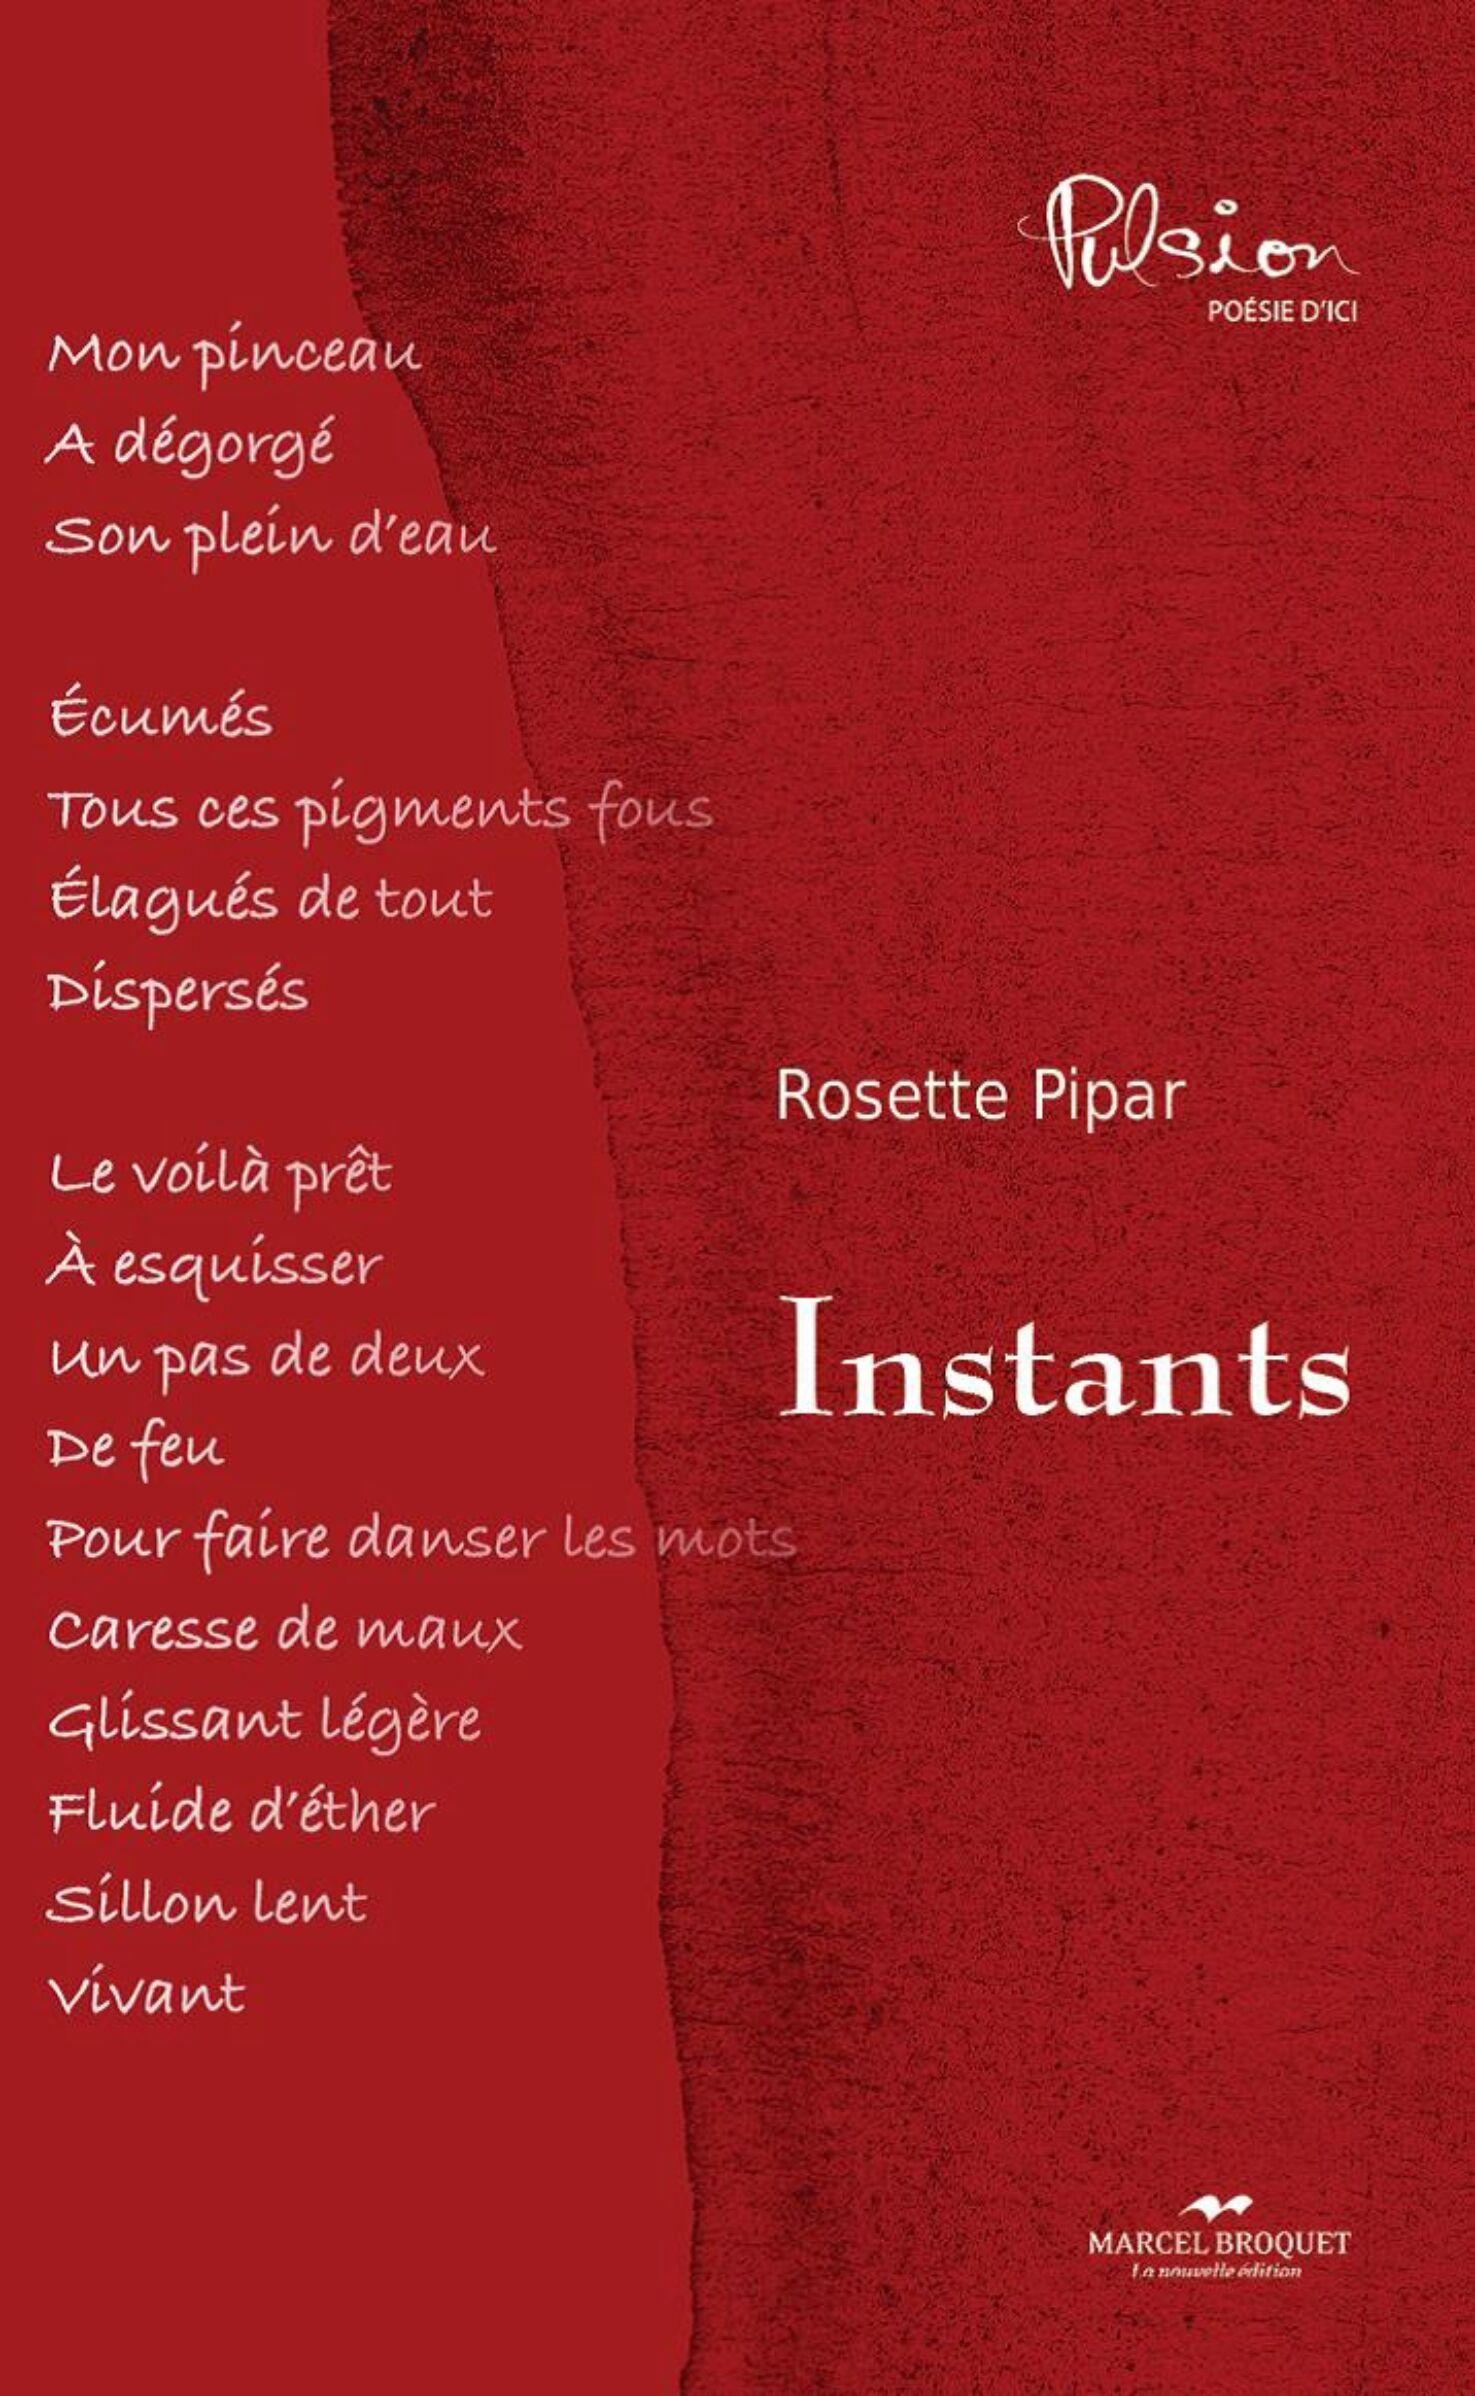 Rosette Pipar/Instants